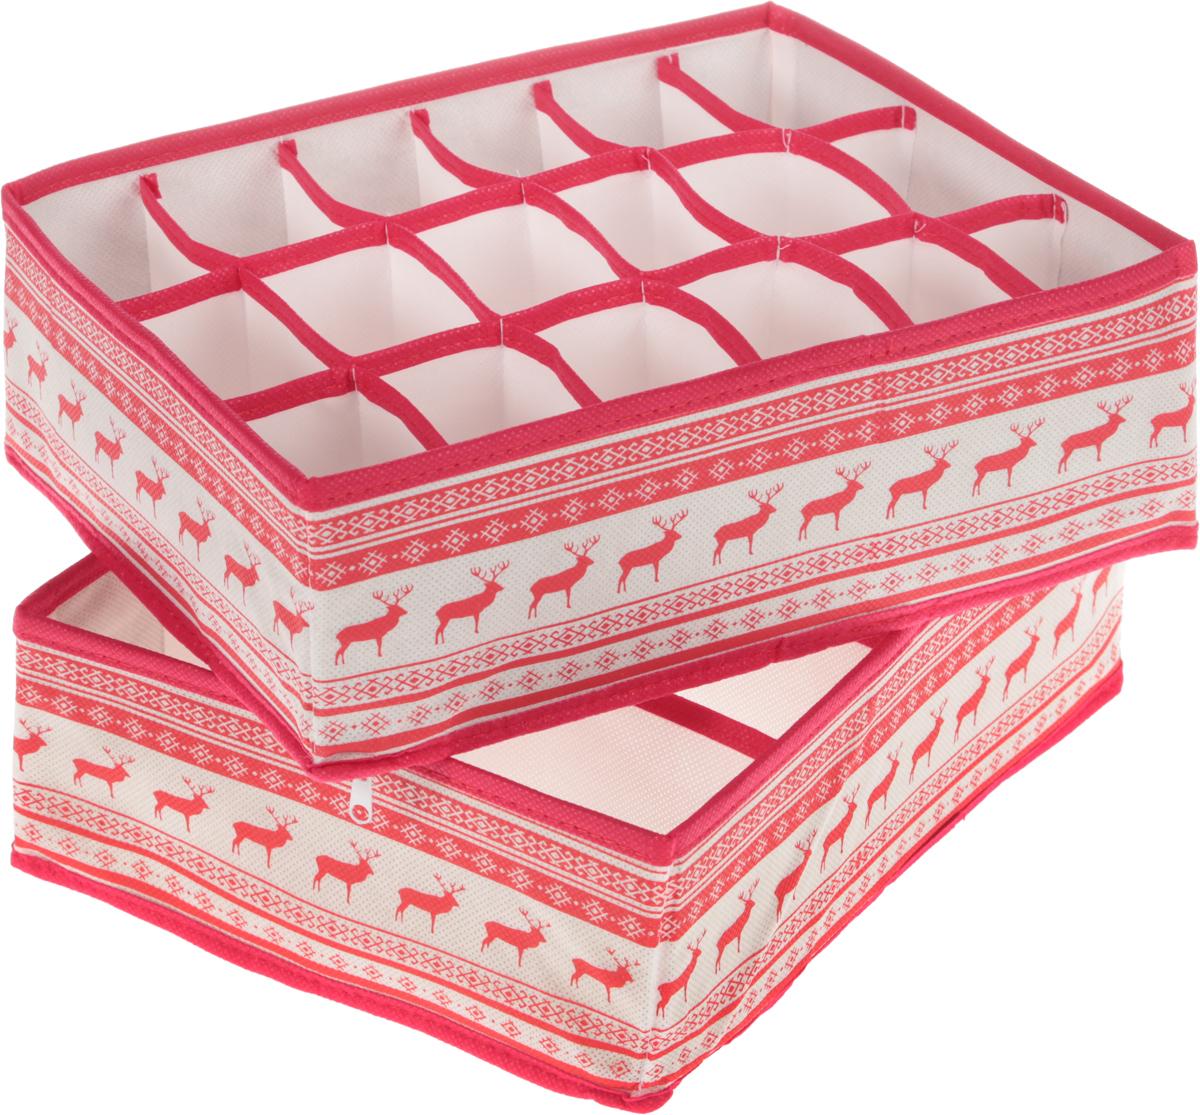 Органайзер Homsu Scandinavia, 31 х 24 х 11 см, 2 штPANTERA SPX-2RSКомплект Homsu Scandinavia, выполненный из полиэстера, спанбонда и картона состоит из двух прямоугольных органайзеров с 18 и 8 раздельными ячейками. Изделия очень удобны для хранения мелких вещей в ящике или на полке. Идеально подойдут для носков, платков, галстуков и других вещей ежедневного пользования. Имеют жесткие борта, что является гарантией сохранности вещей. Размер органайзера (в собранном виде): 31 x 24 x11 см.Размер ячеек: 7 х 5 см; 12 х 8 см.